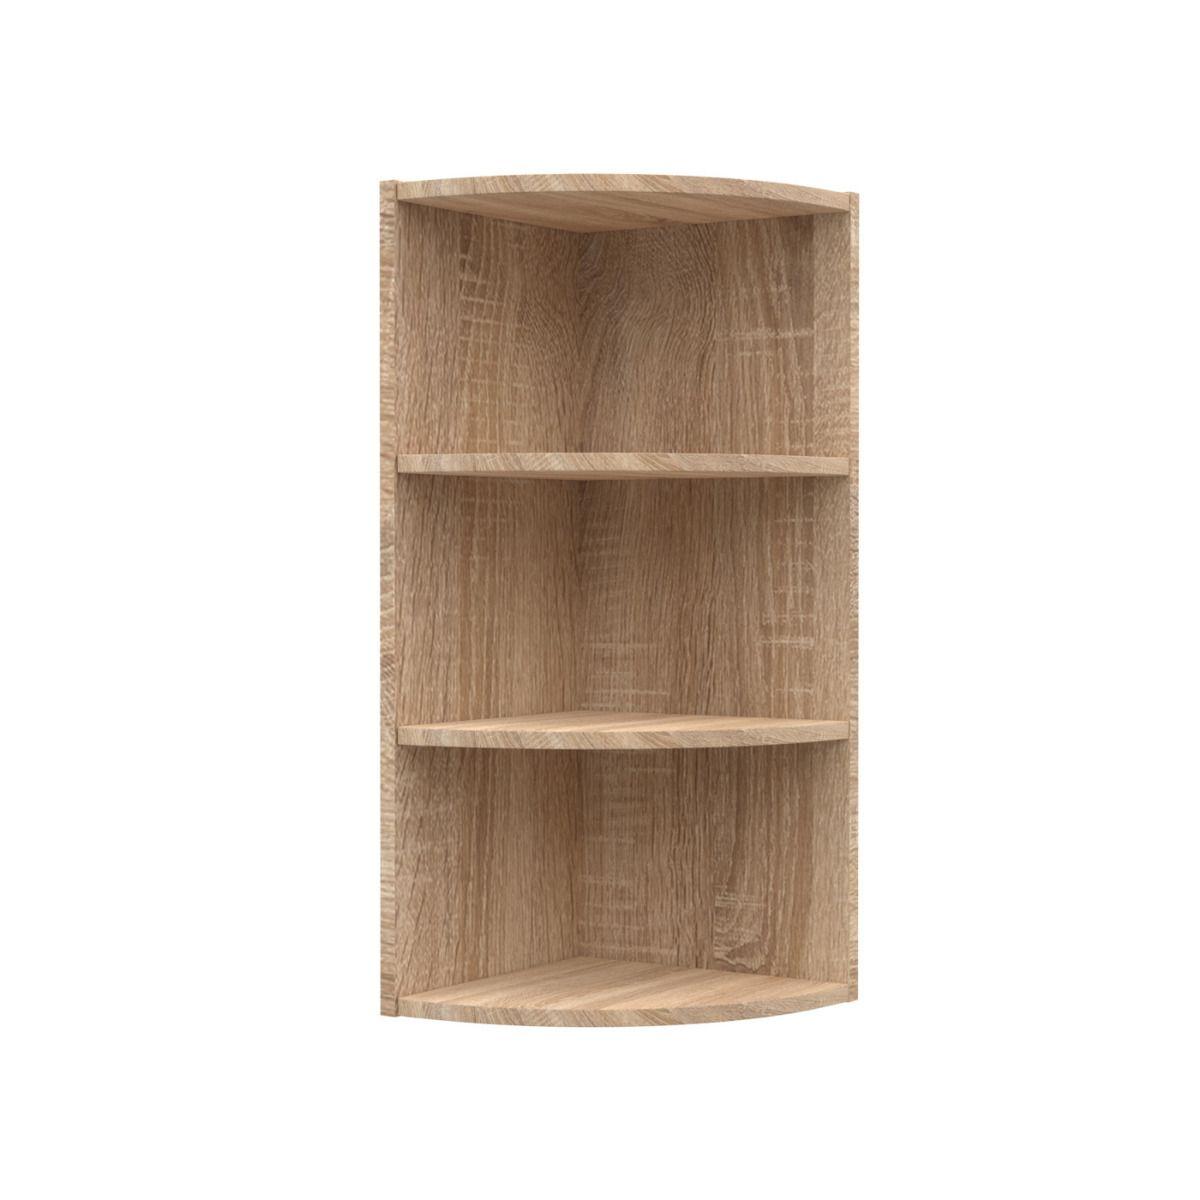 """Γωνιακό πάνω ντουλάπι κουζίνας """"ALINA"""" σε χρώμα σονόμα-μόκα 28,5x28,5x71,8"""